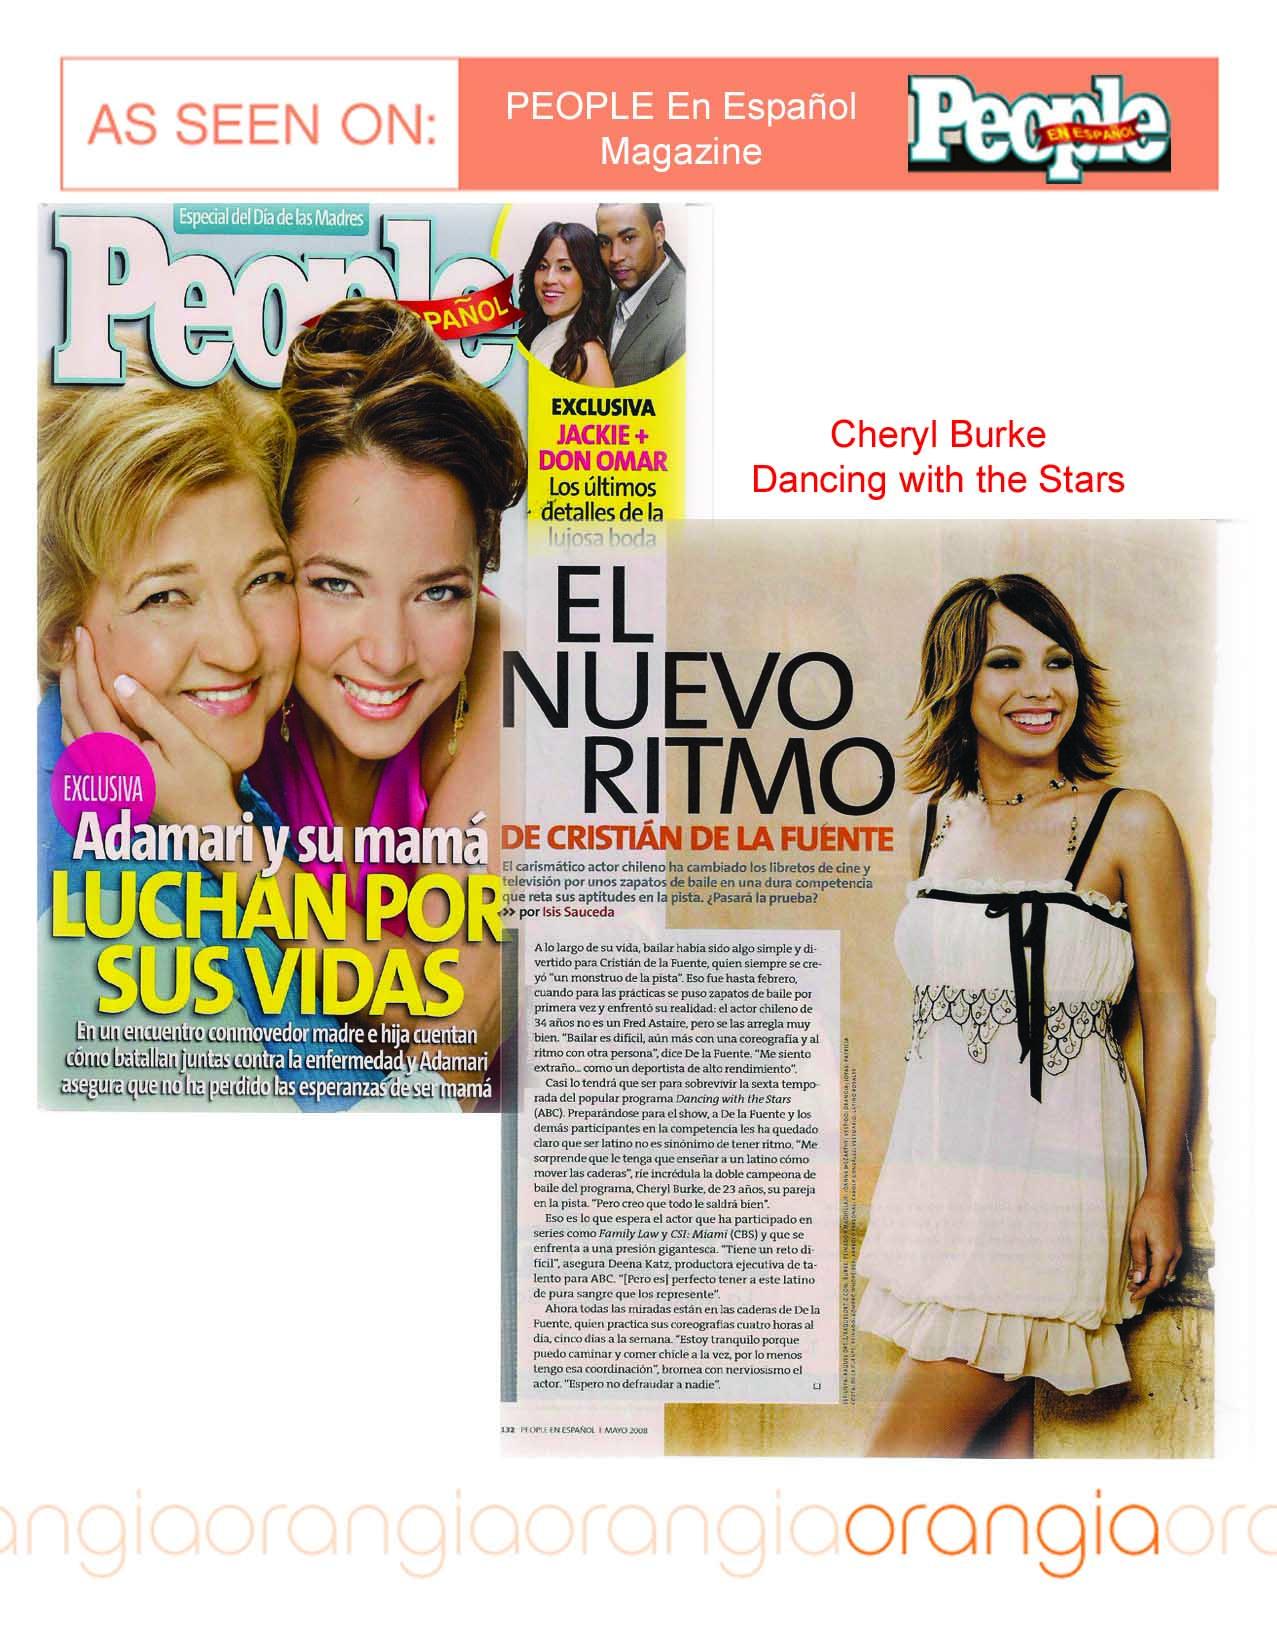 people en espanol cheryl burke copy.jpg